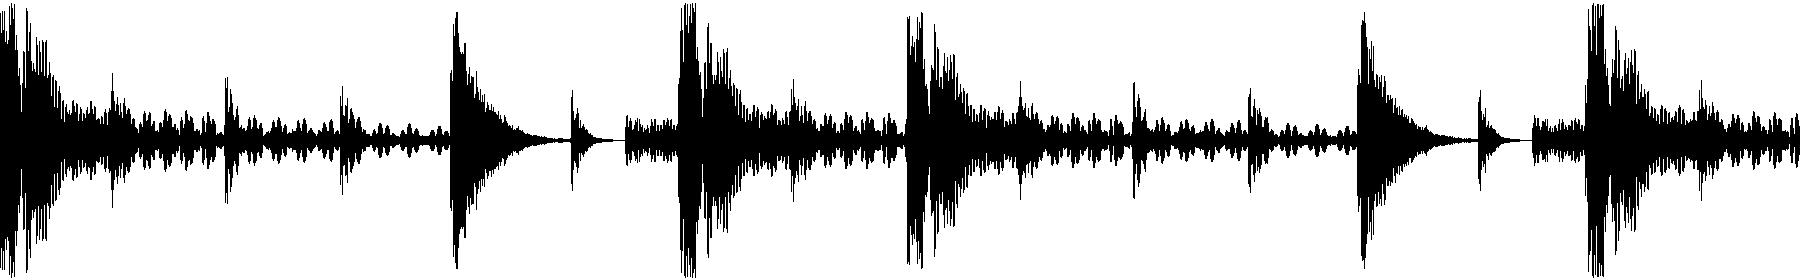 blbc electrodrums 110 03